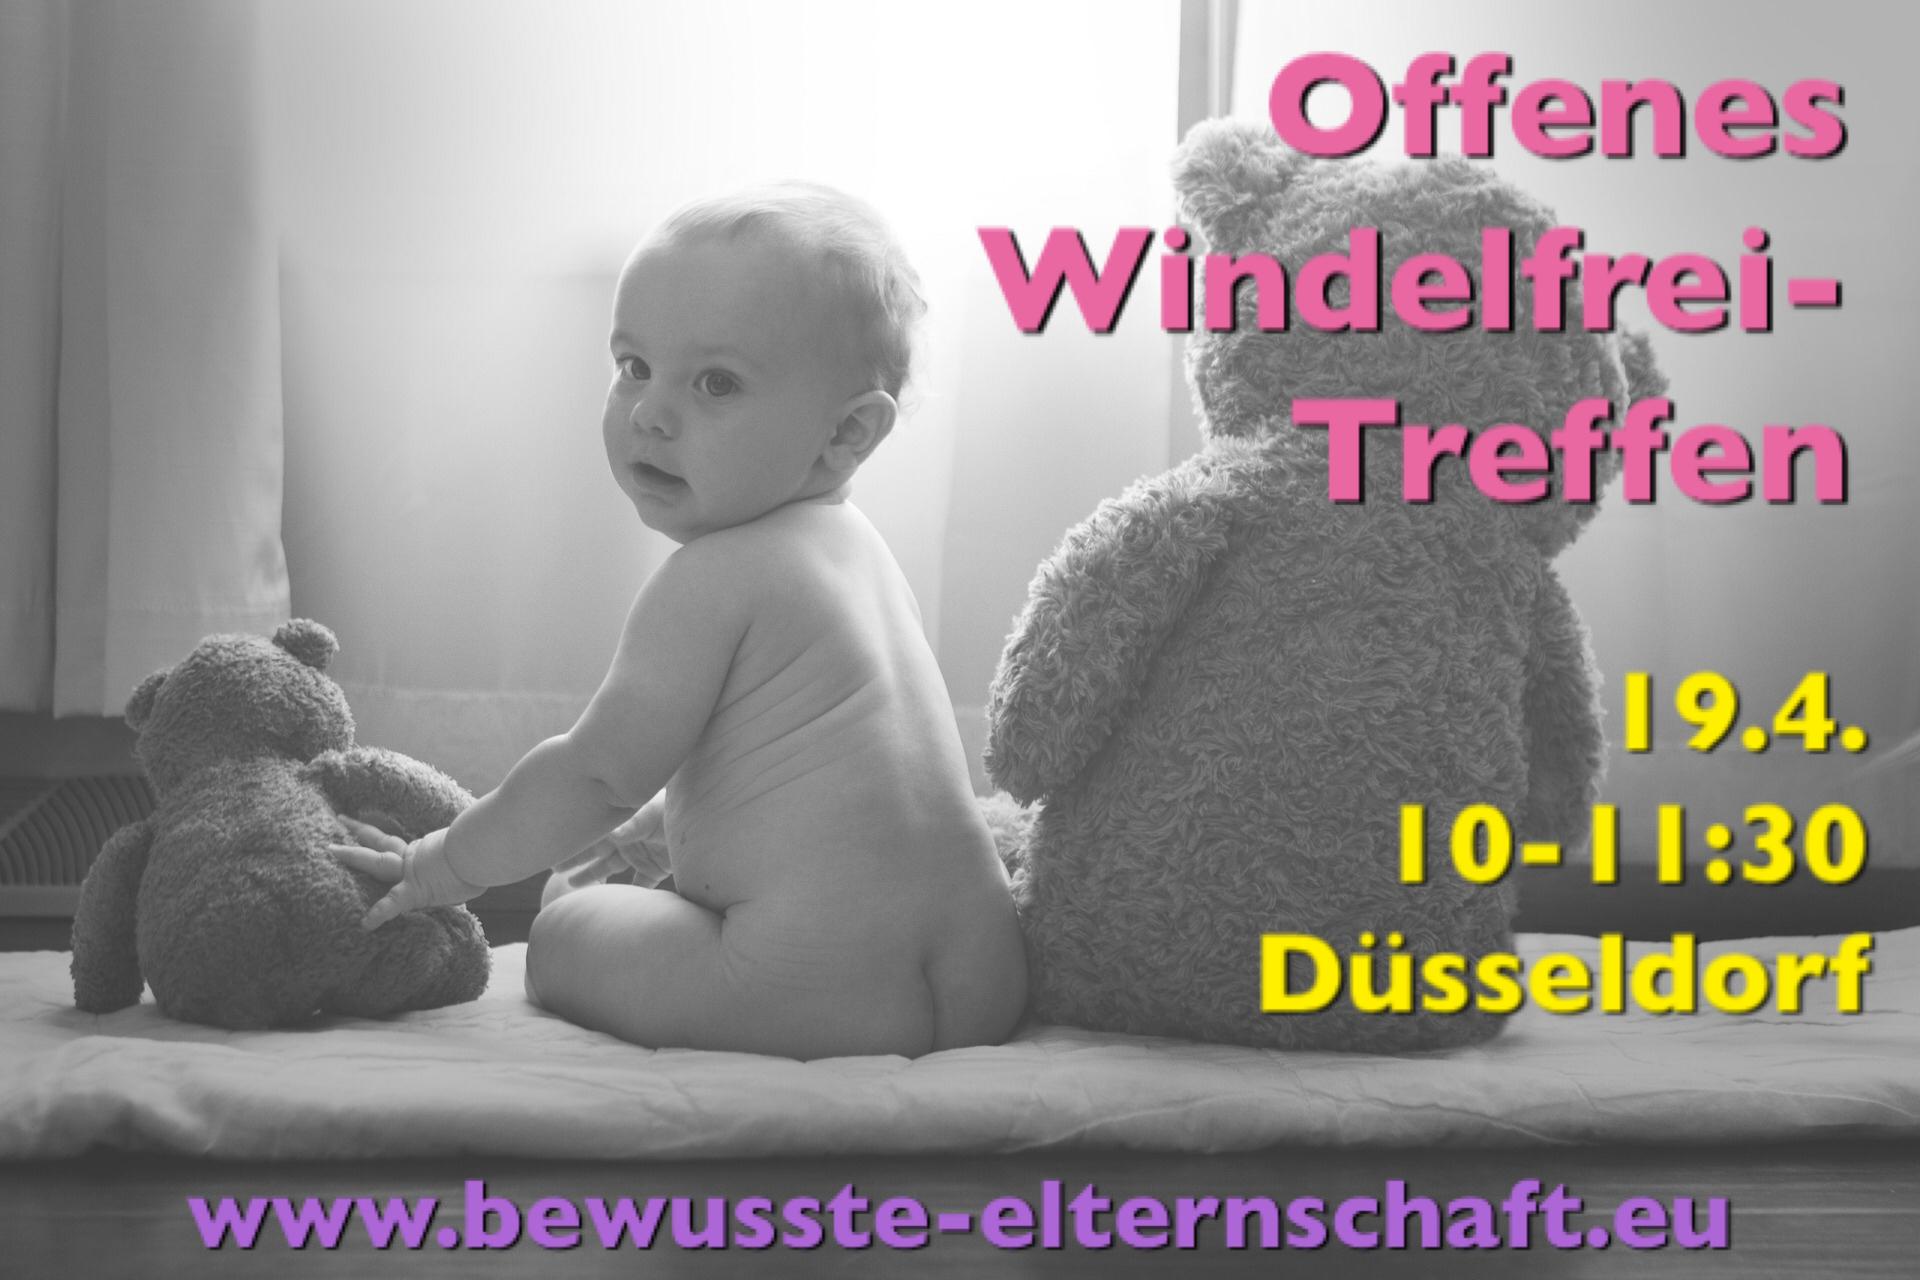 Offenes Windelfrei Treffen Düsseldorf